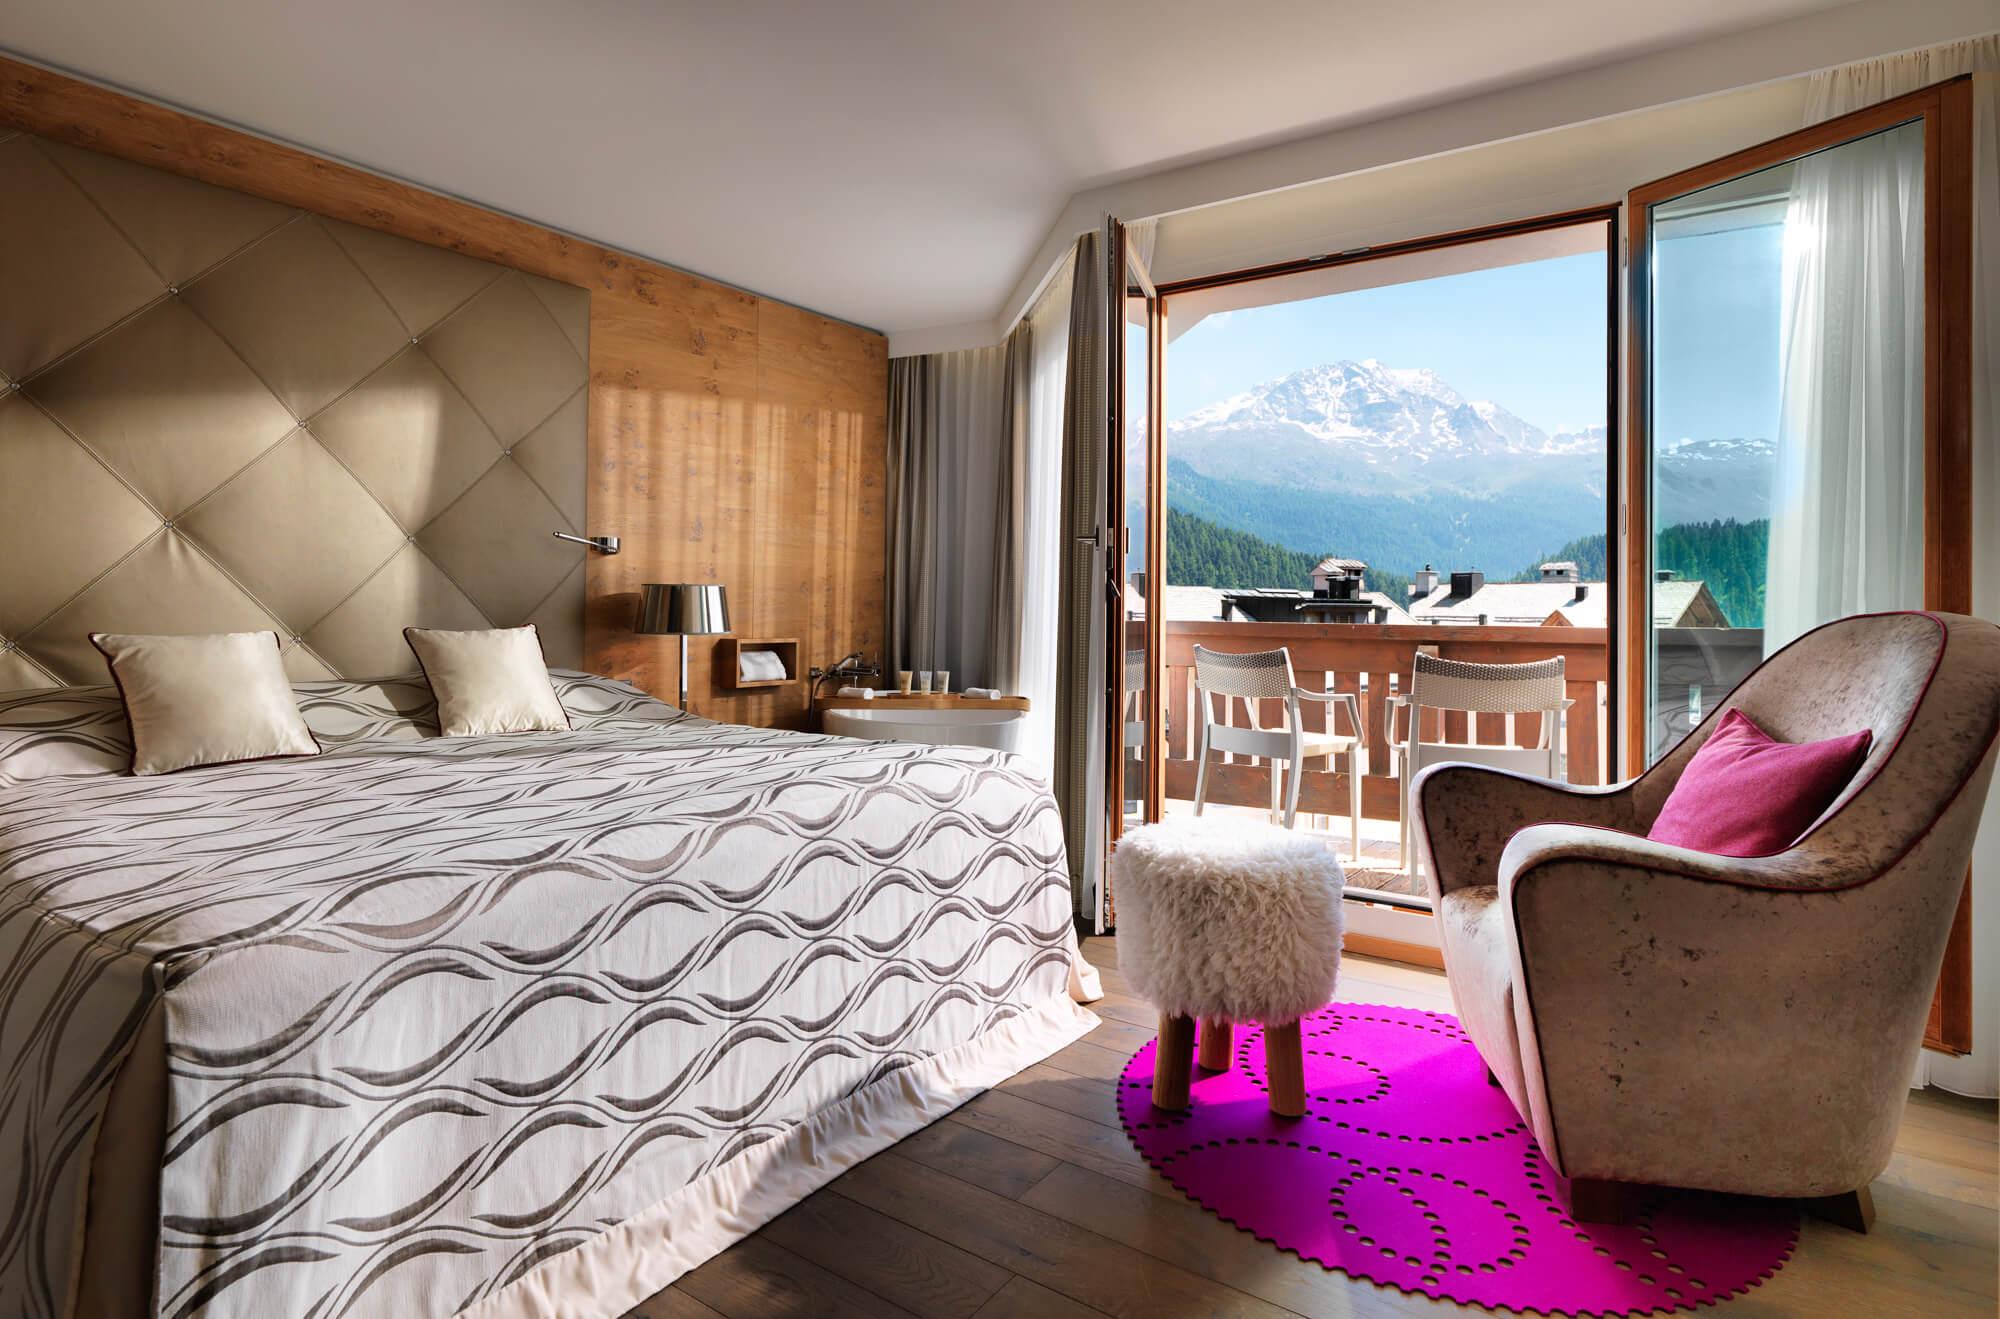 Familien- und Skiferien | Hotel Giardino Mountain